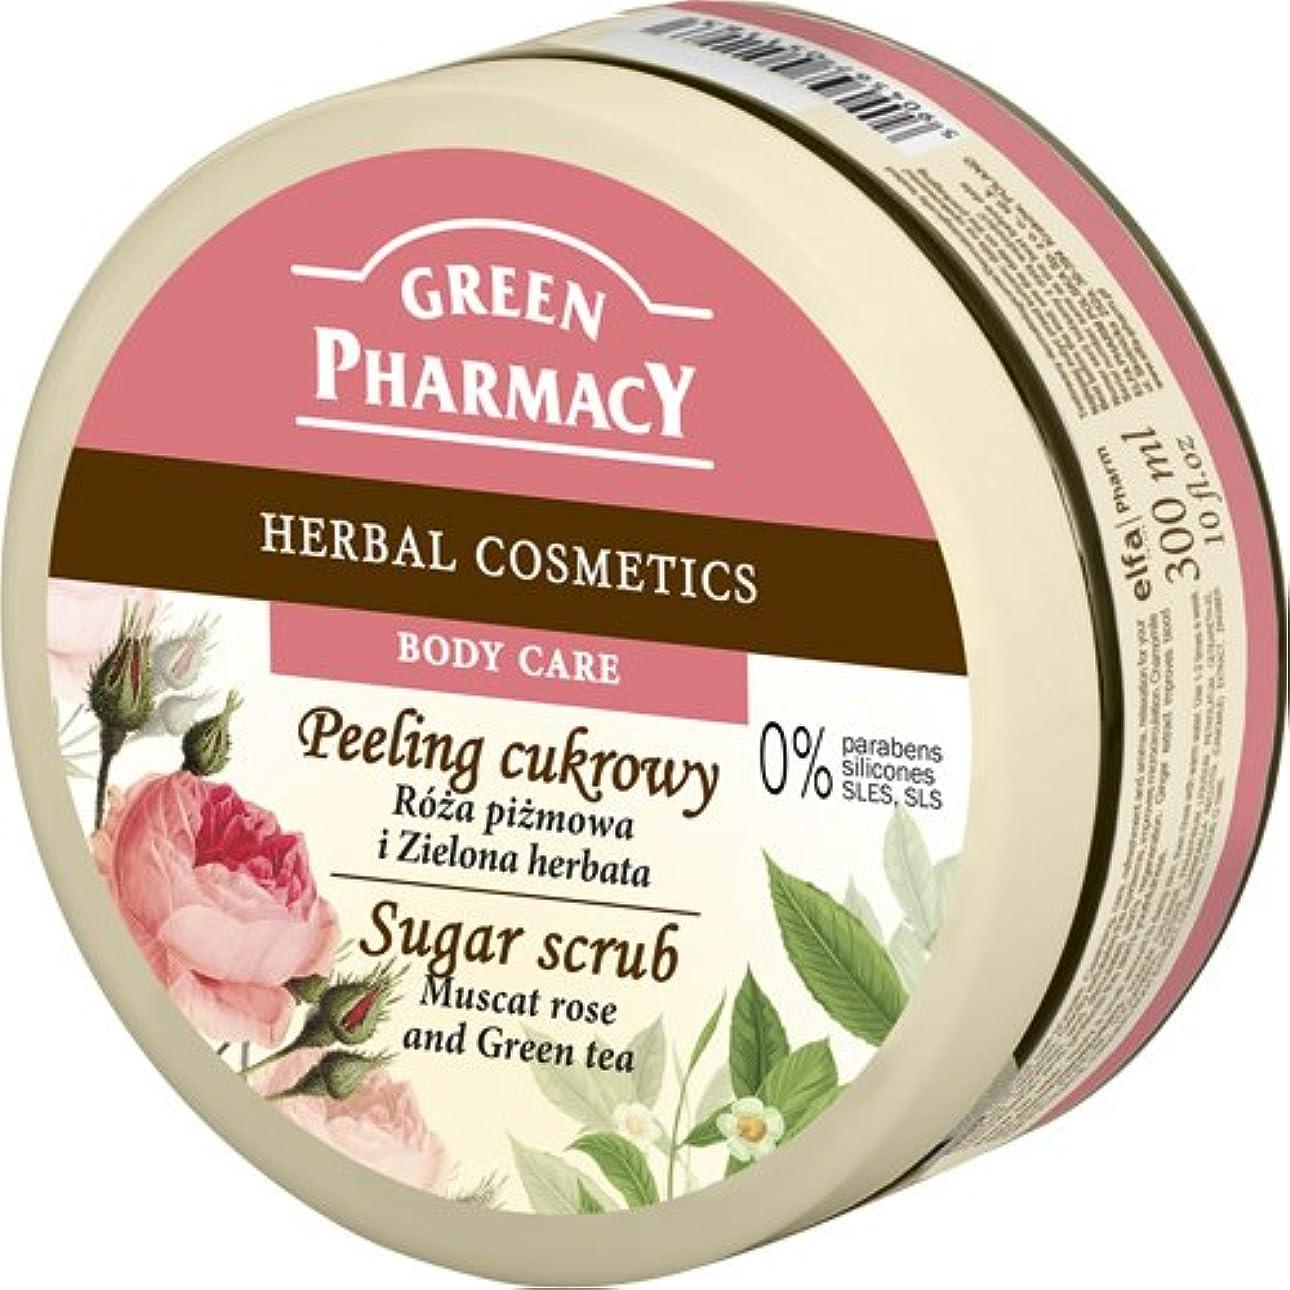 納税者音節サラダElfa Pharm Green Pharmacy Sugar Scrub シュガースクラブ Muscat Rose and Green Tea